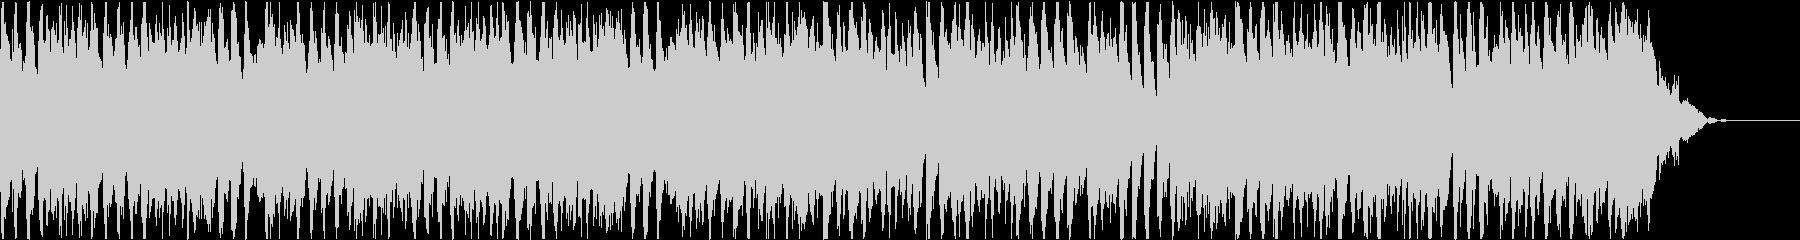 優雅で明るい4つ打ちBGM(短尺B盤)の未再生の波形